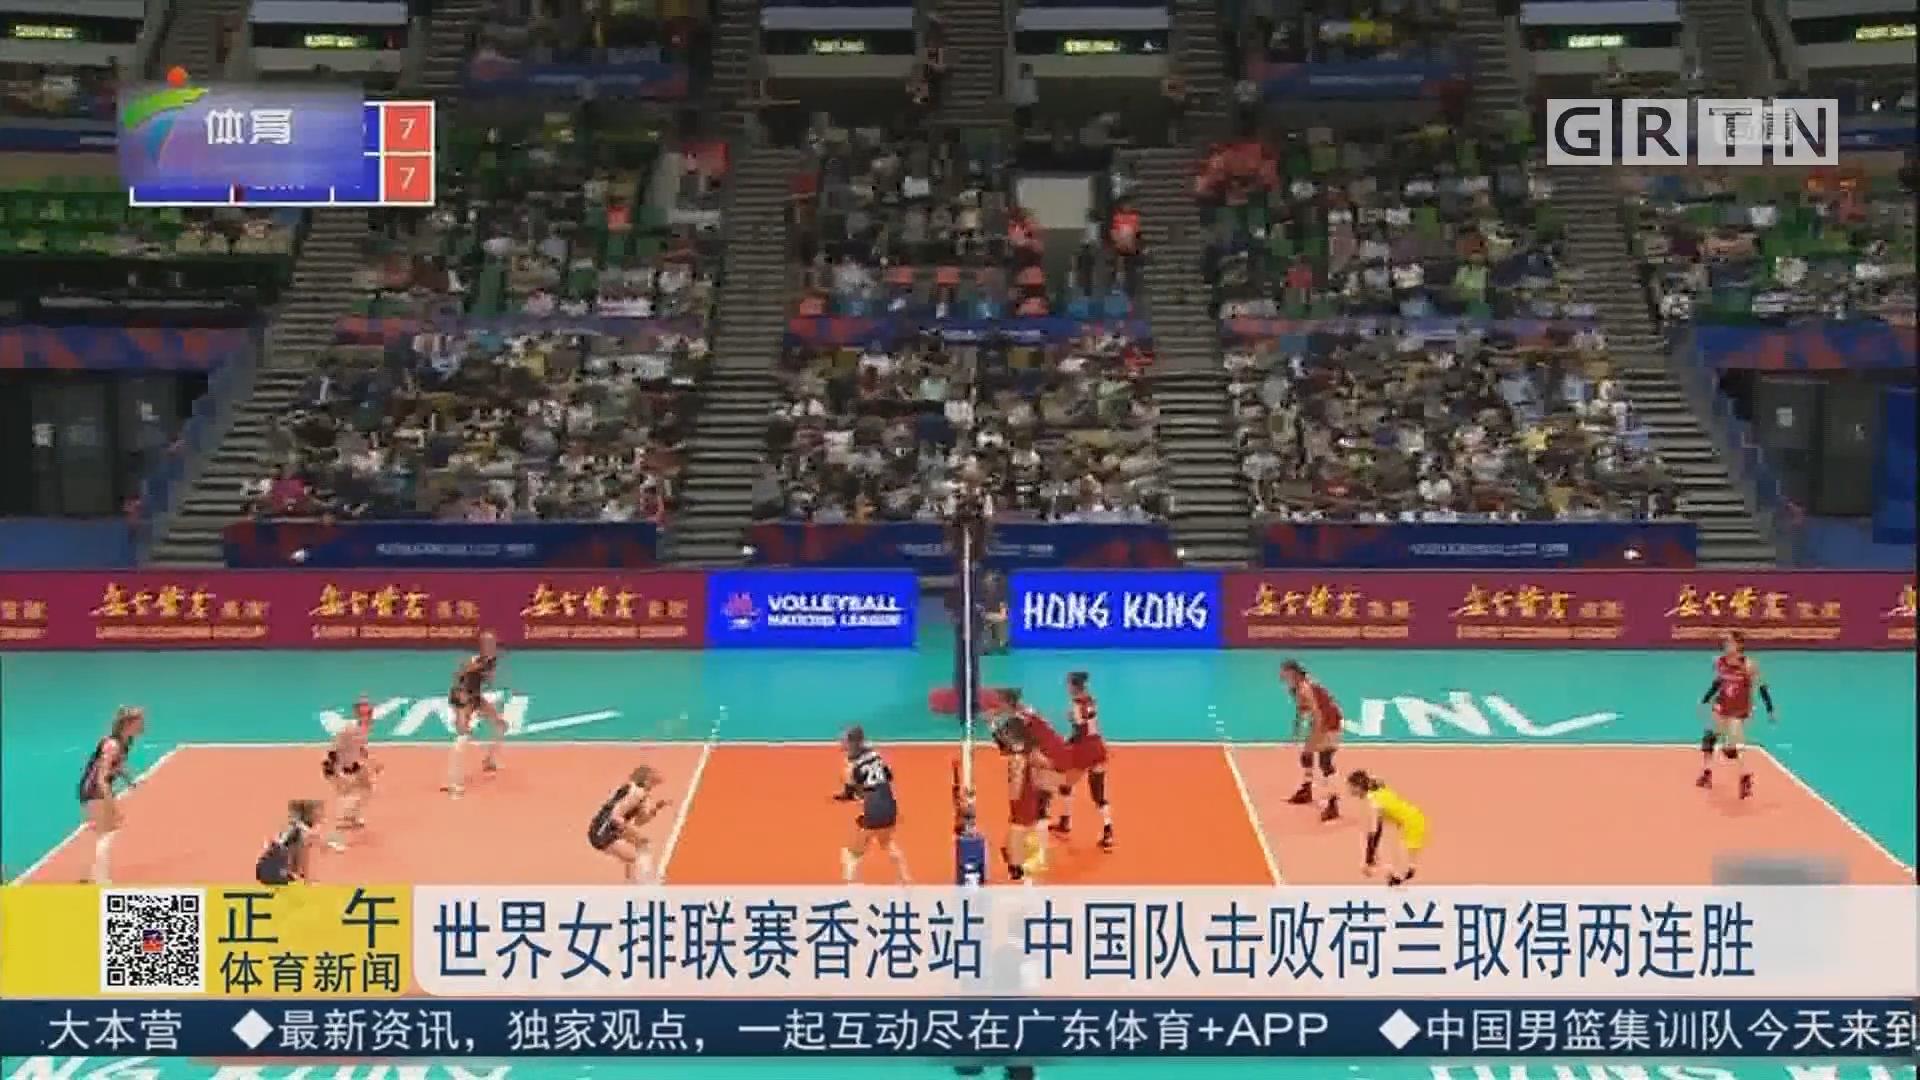 世界女排联赛香港站 中国队击败荷兰取得两连胜